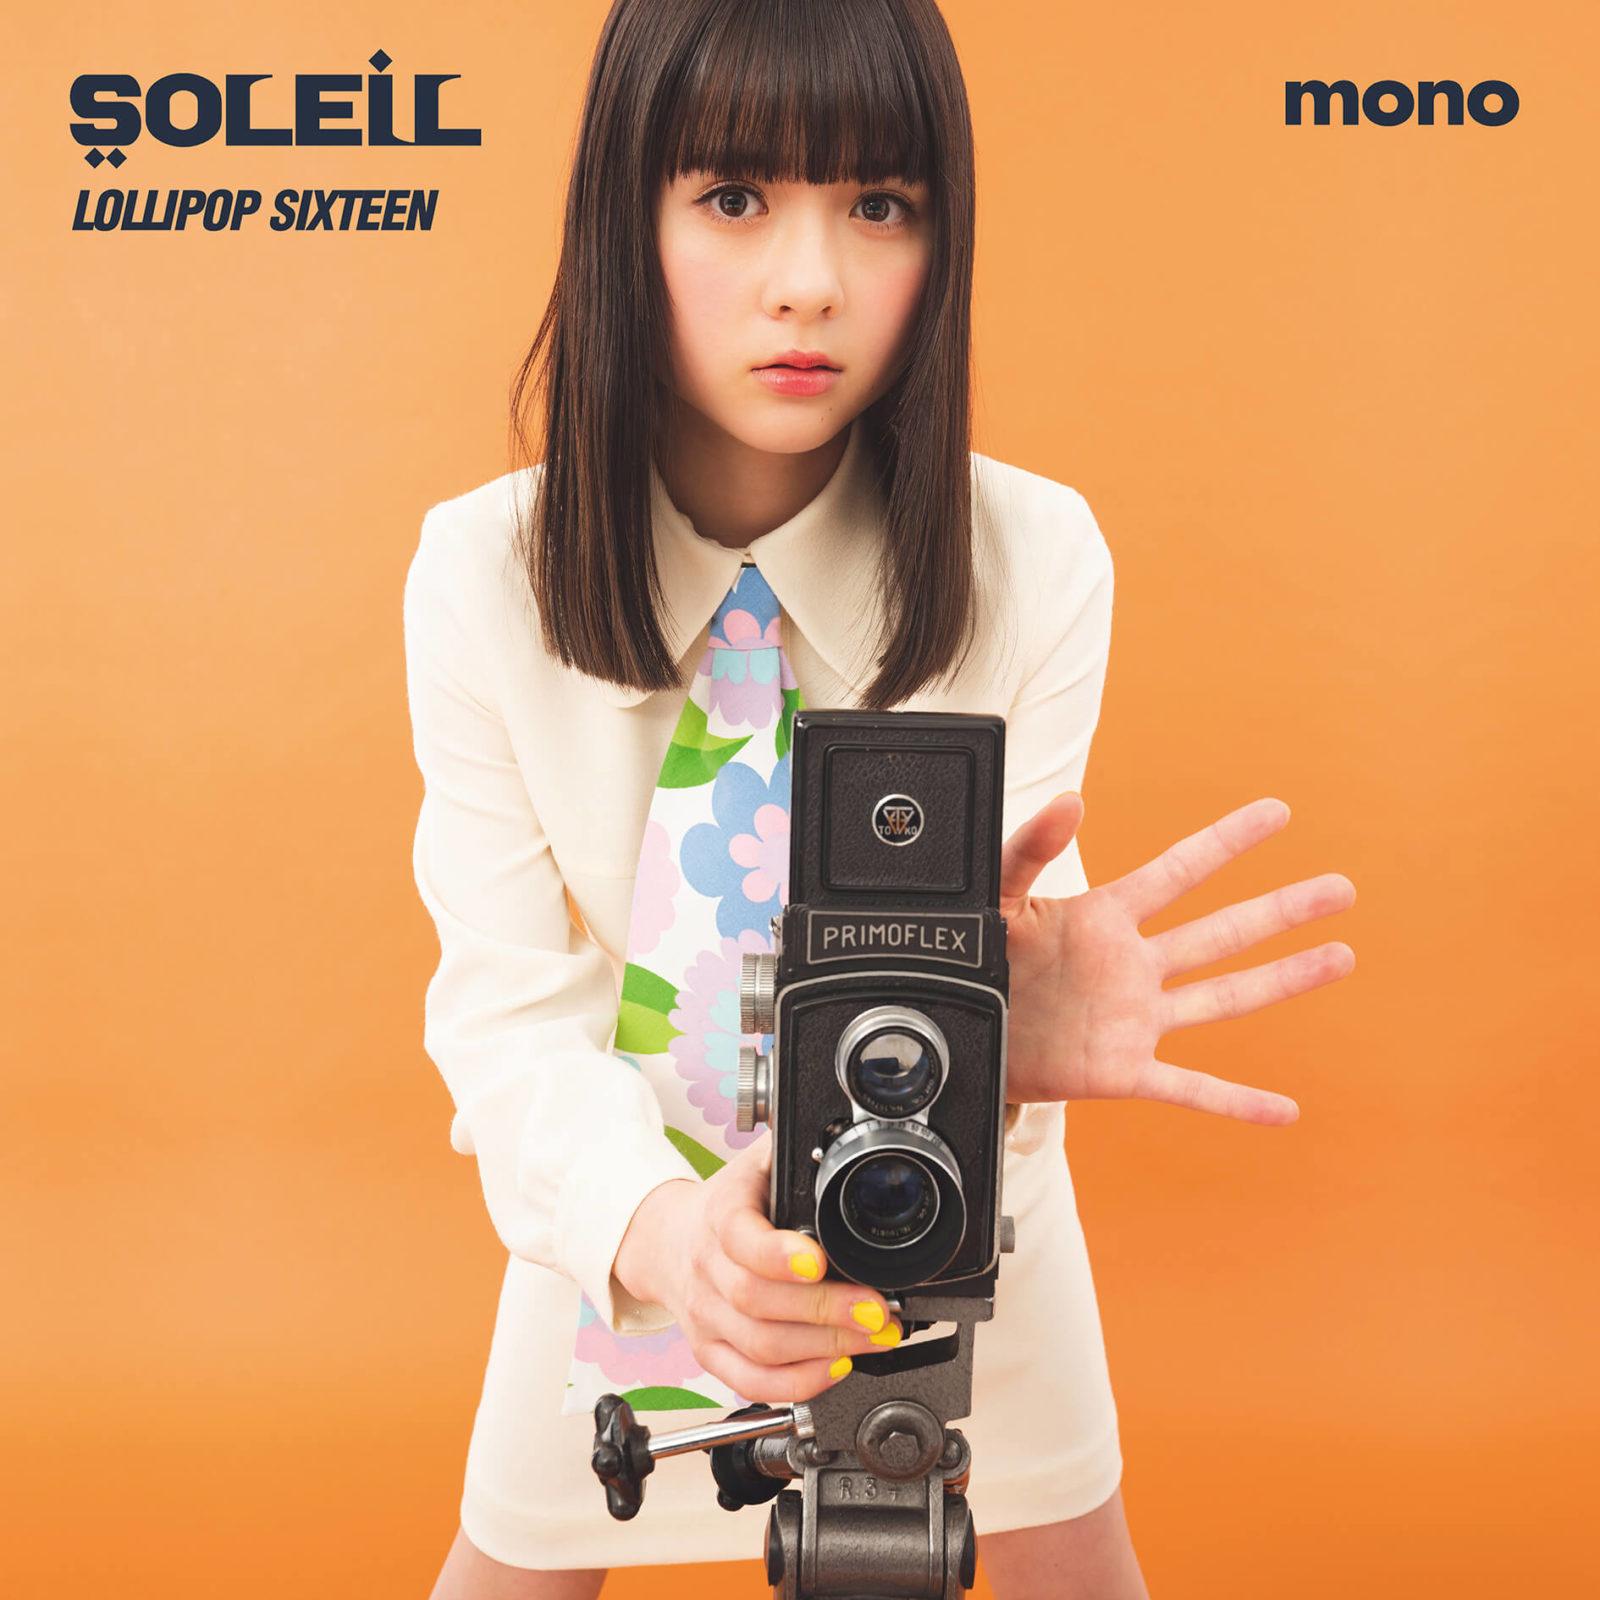 アナログ盤セールス累計5000枚突破!SOLEIL、3rdアルバム発売決定サムネイル画像